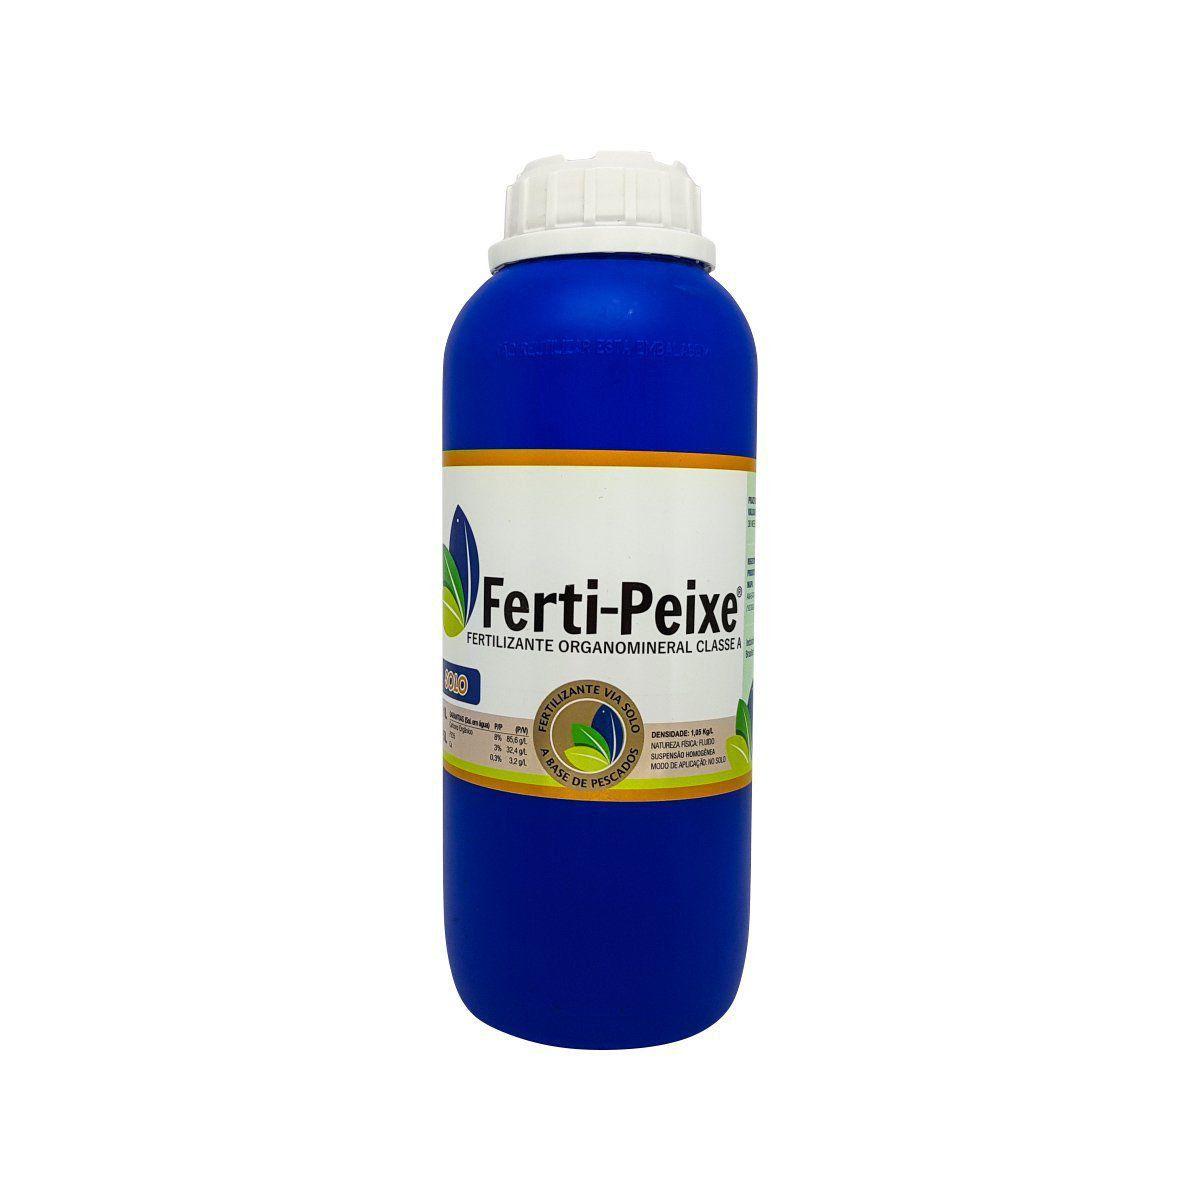 Fertilizante Orgânico Classe A (via solo) 1 litro - Ferti-Peixe